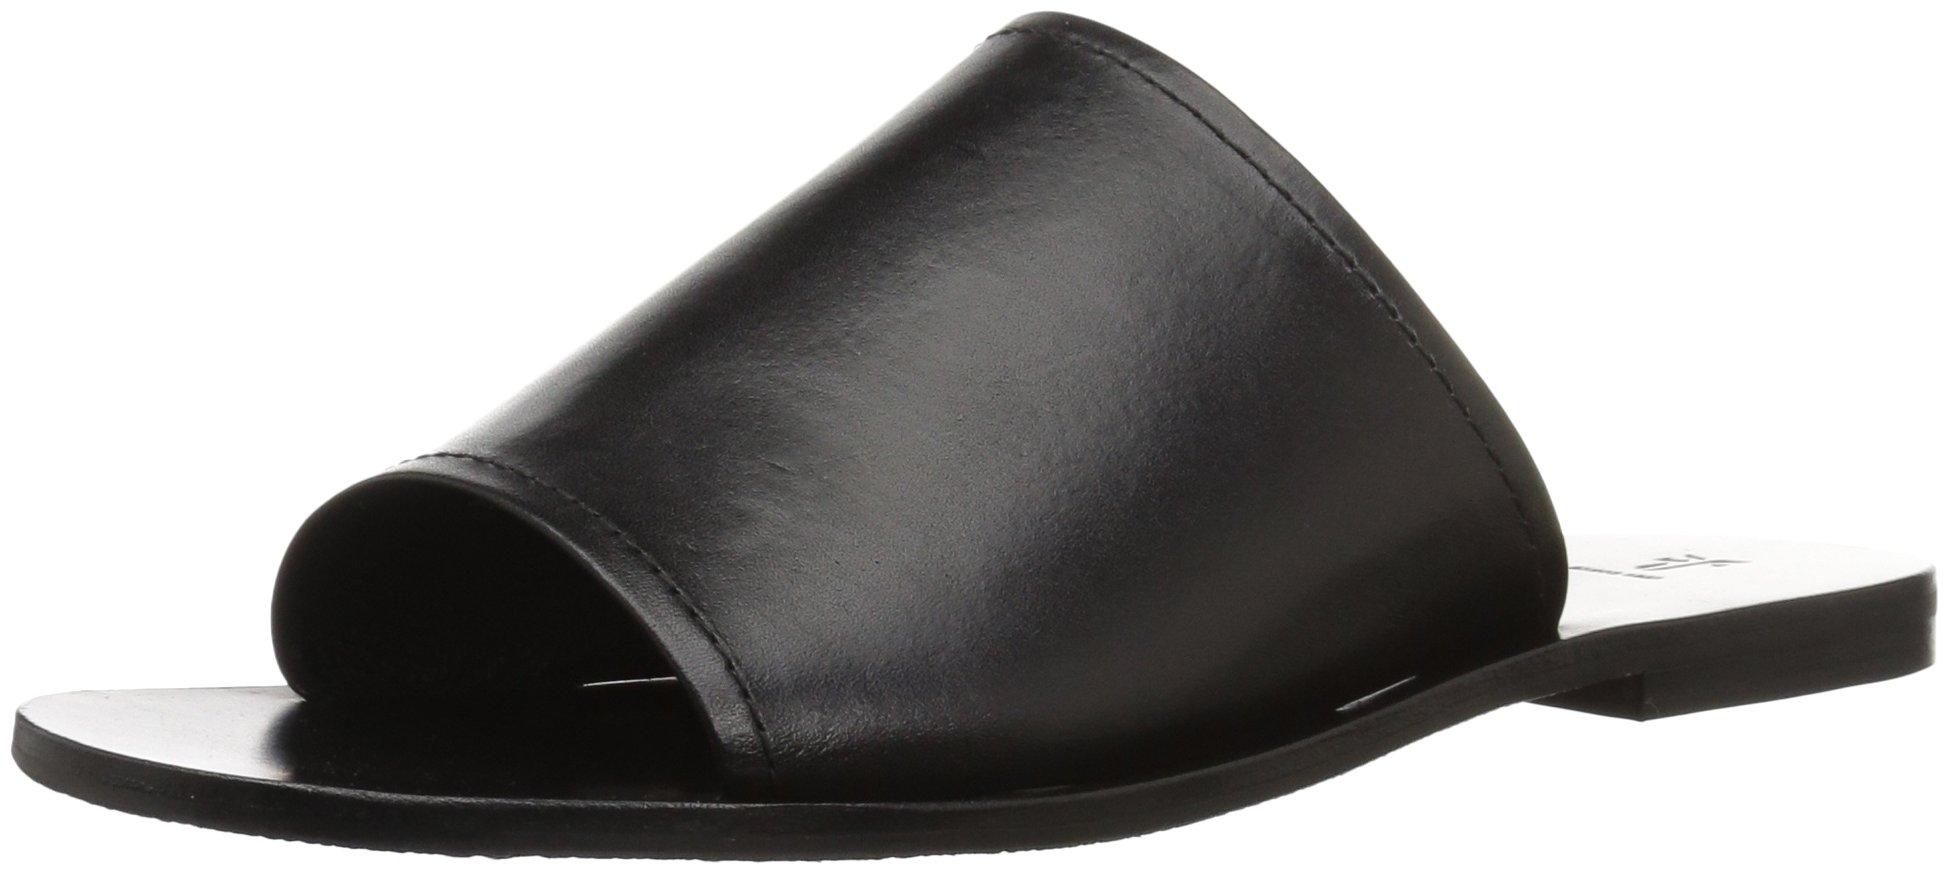 FRYE Women's Riley Slide Sneaker, Black, 7.5 M US